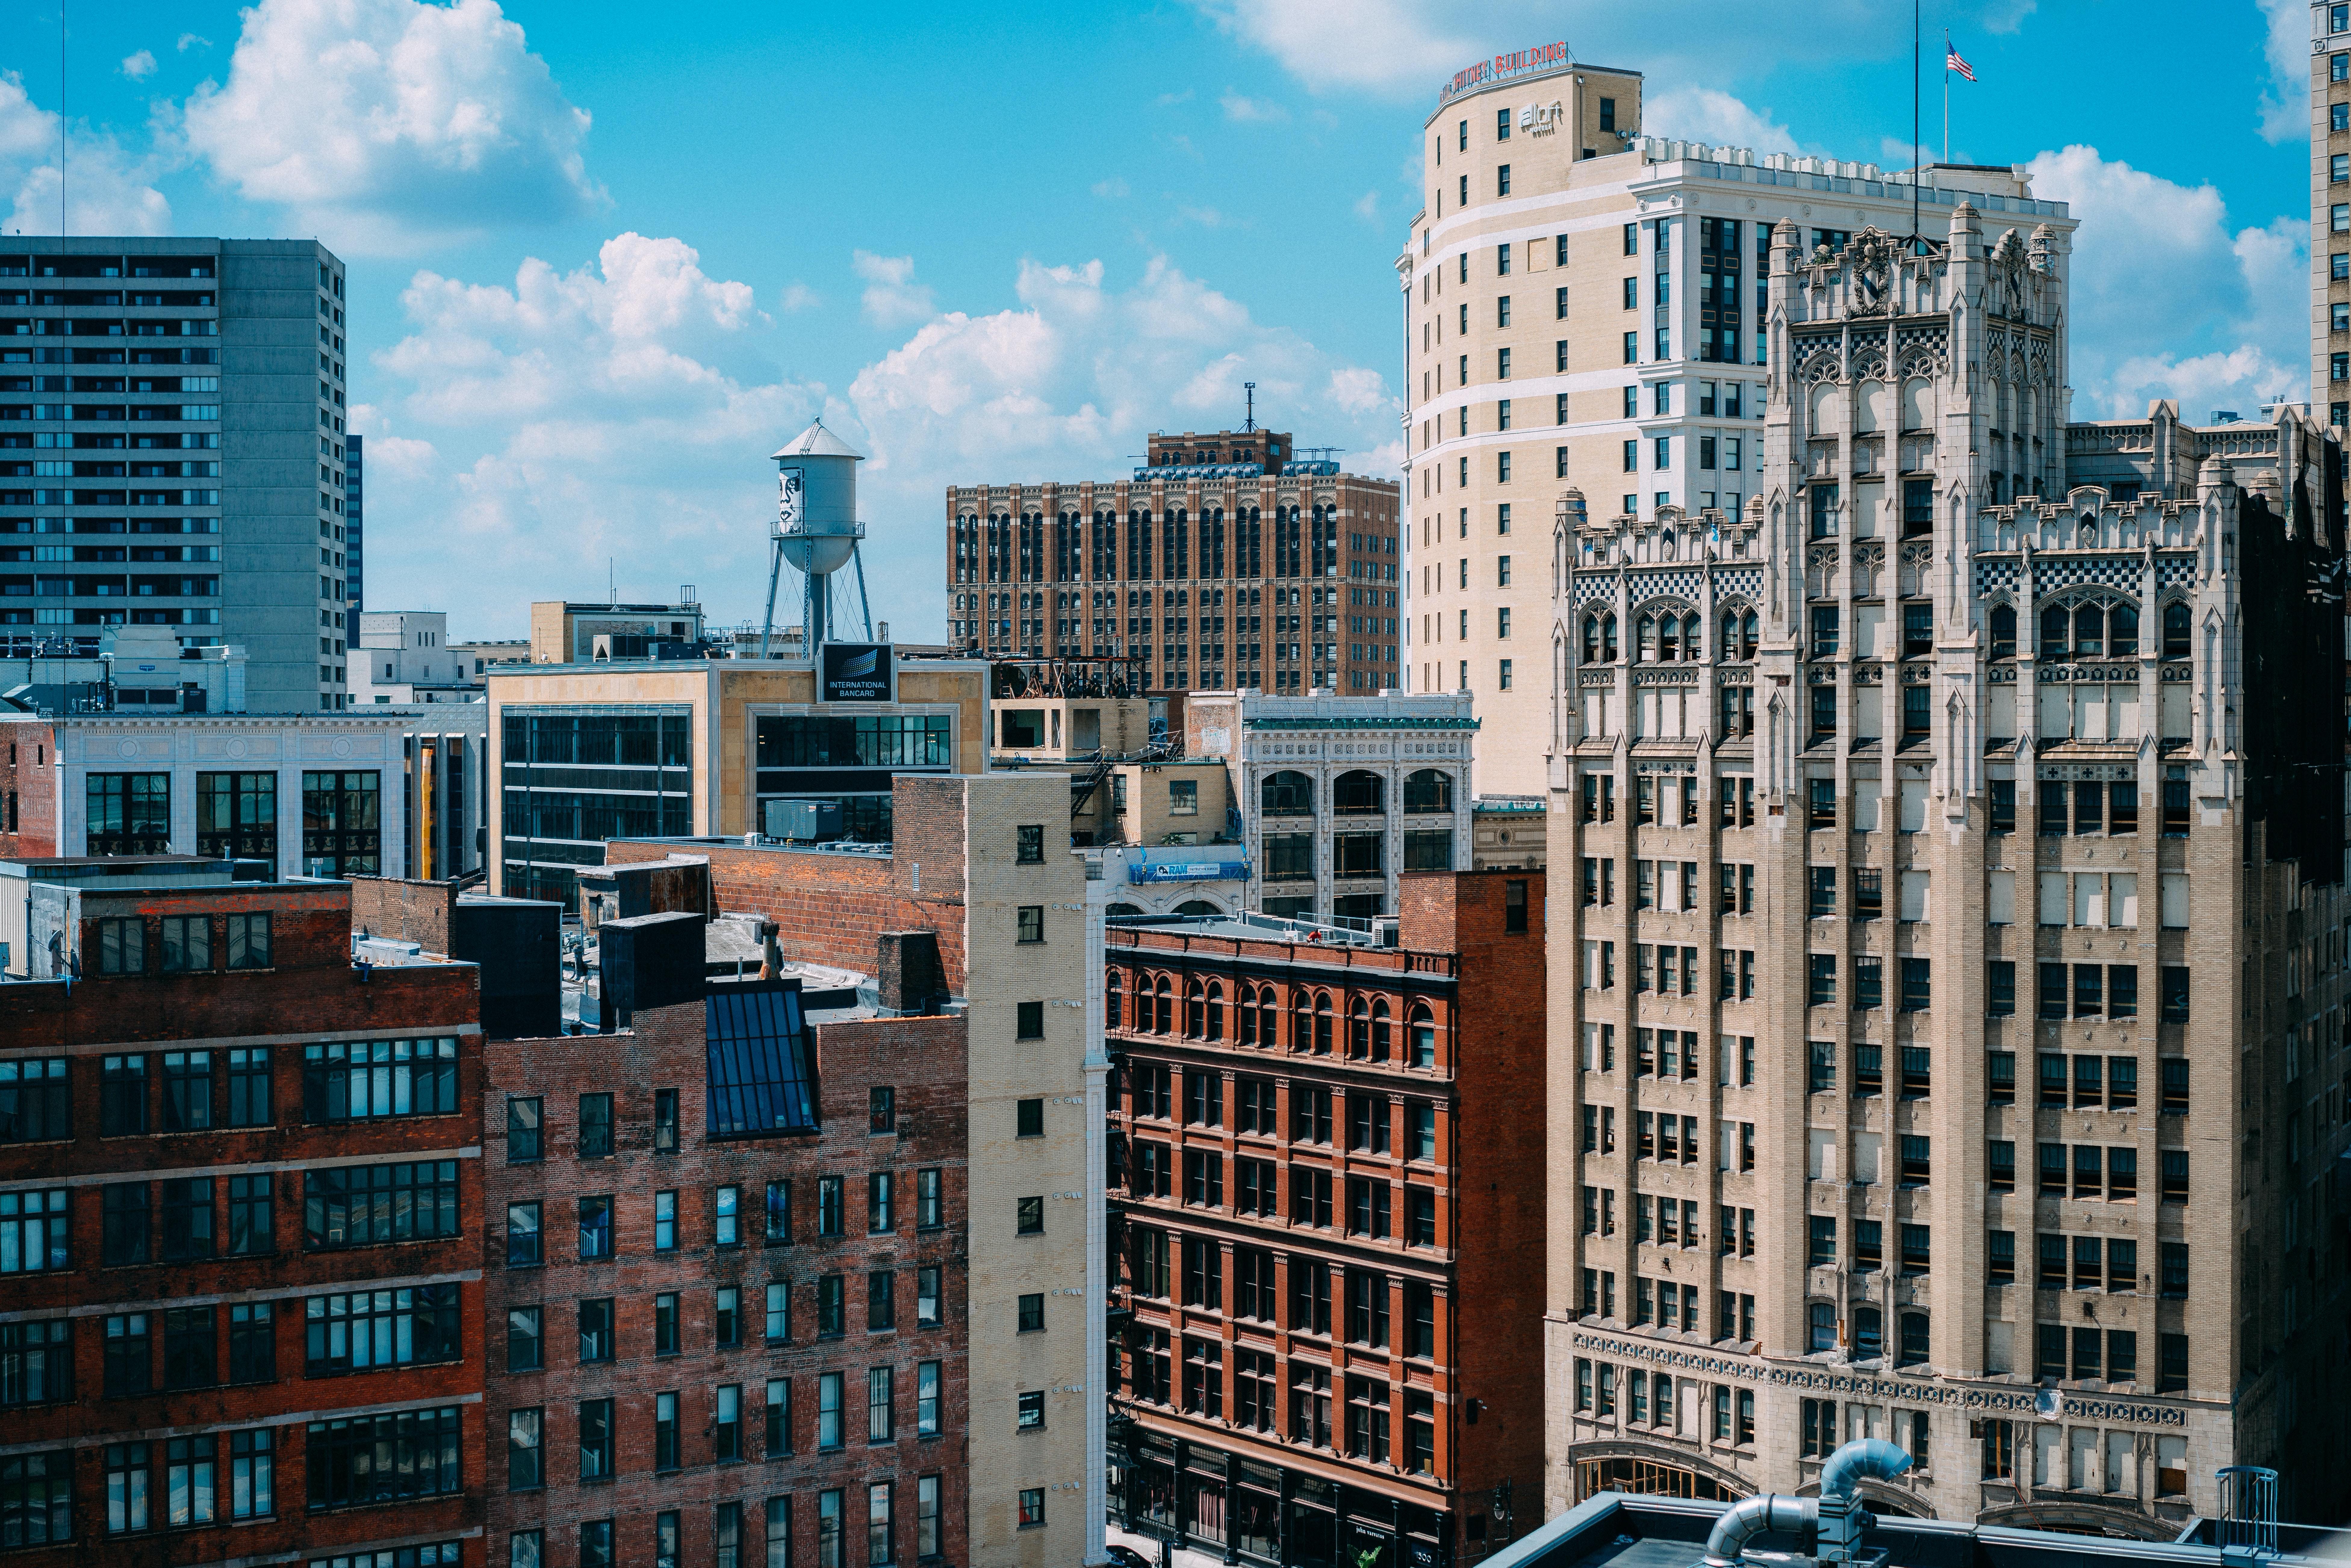 Detroit. (Photo by Alex Brisbey on Unsplash)